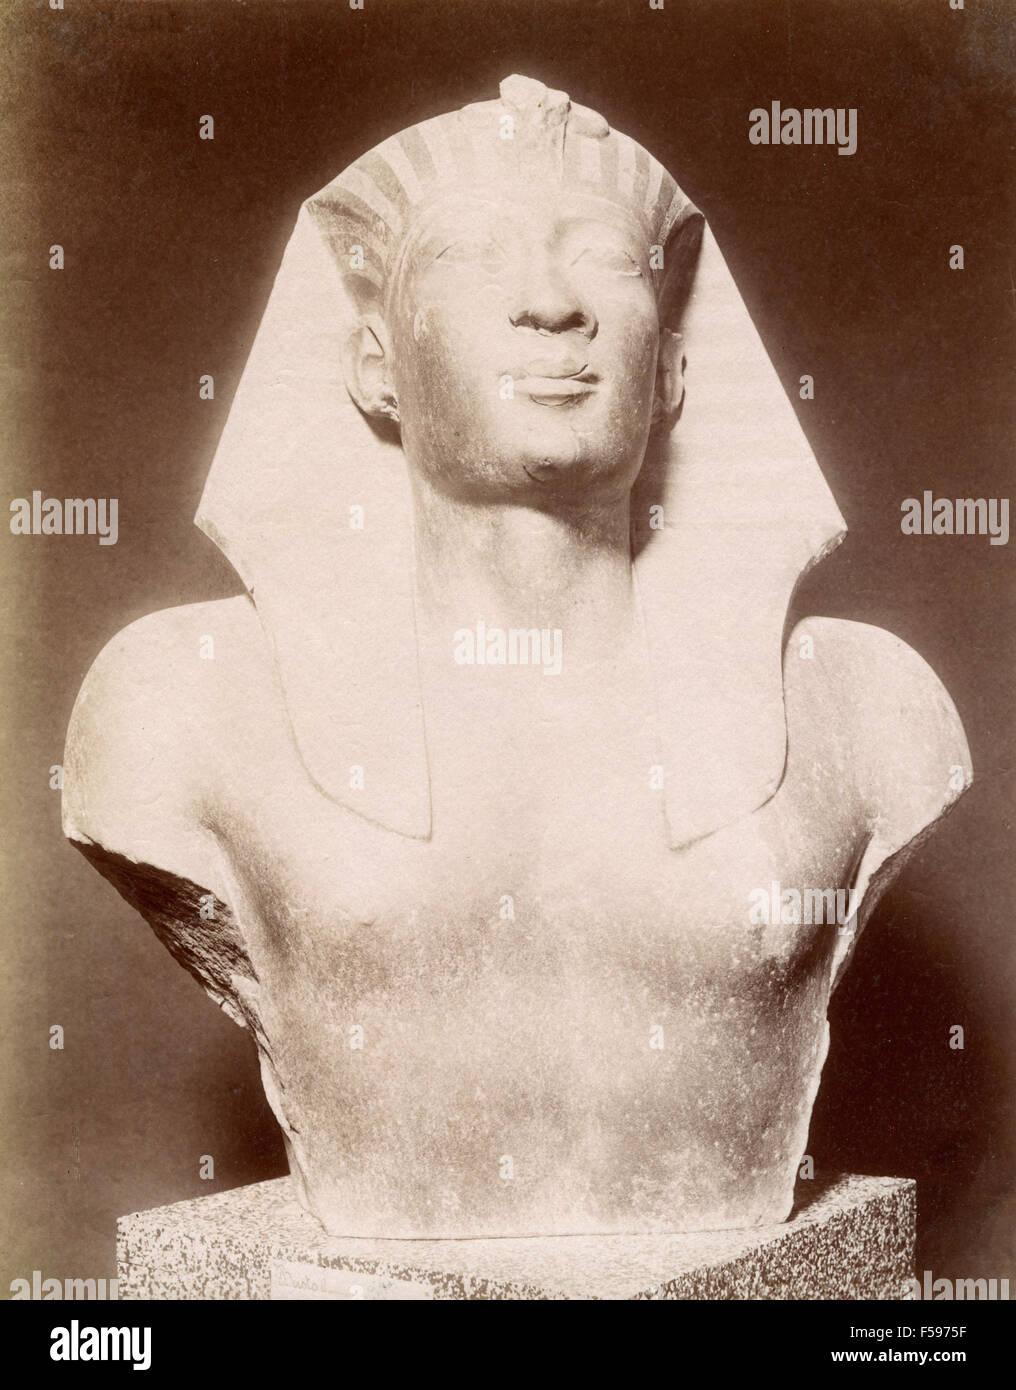 Bust of Pharaoh, Egypt - Stock Image